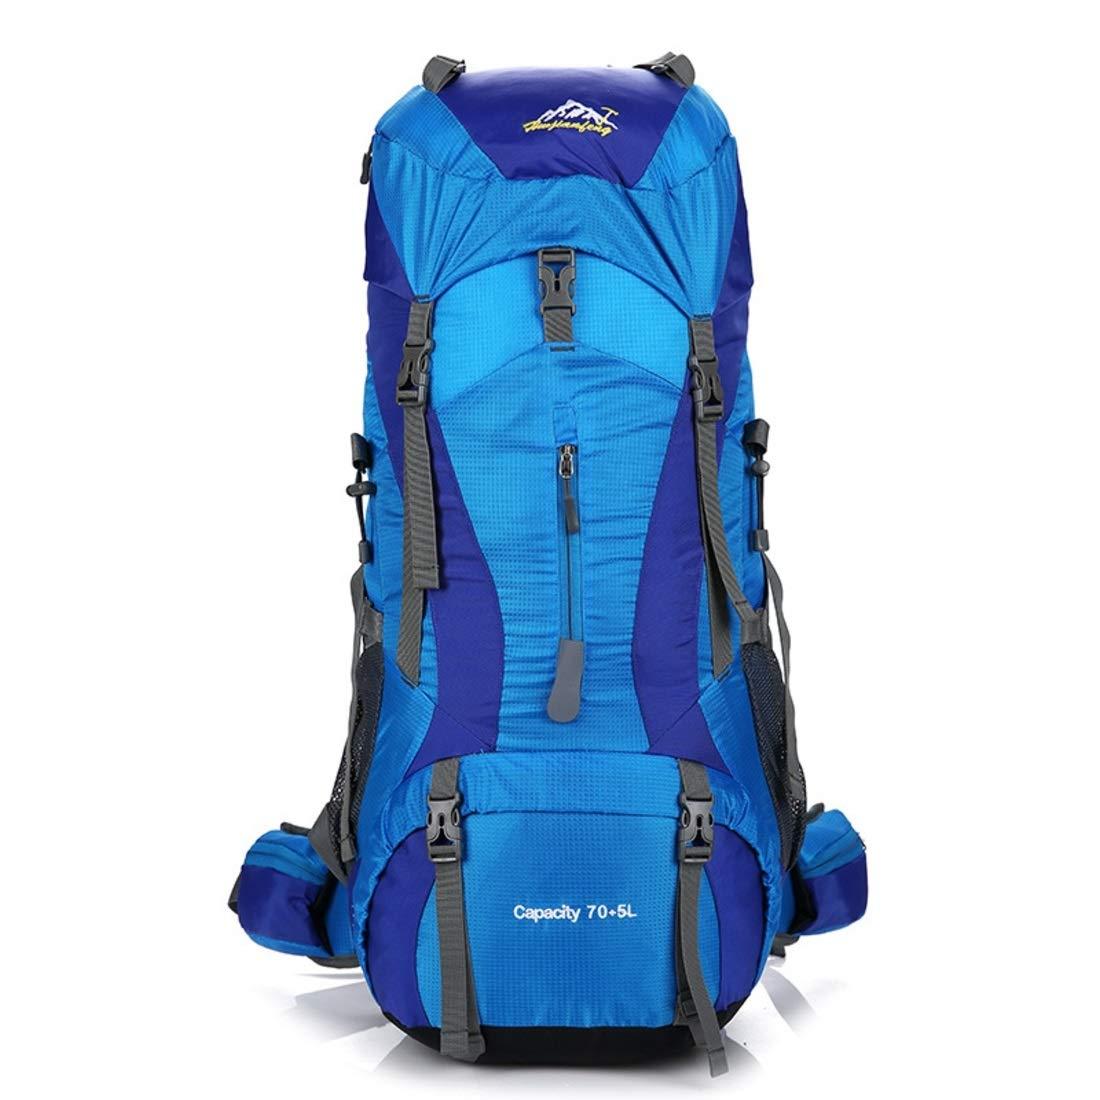 Derenu アウトドアキャンプショルダーバッグ大容量カジュアルファッション男性と女性のショルダーバッグプロフェッショナル登山バッグ (色 : ブルー)  ブルー B07QMPHY4F